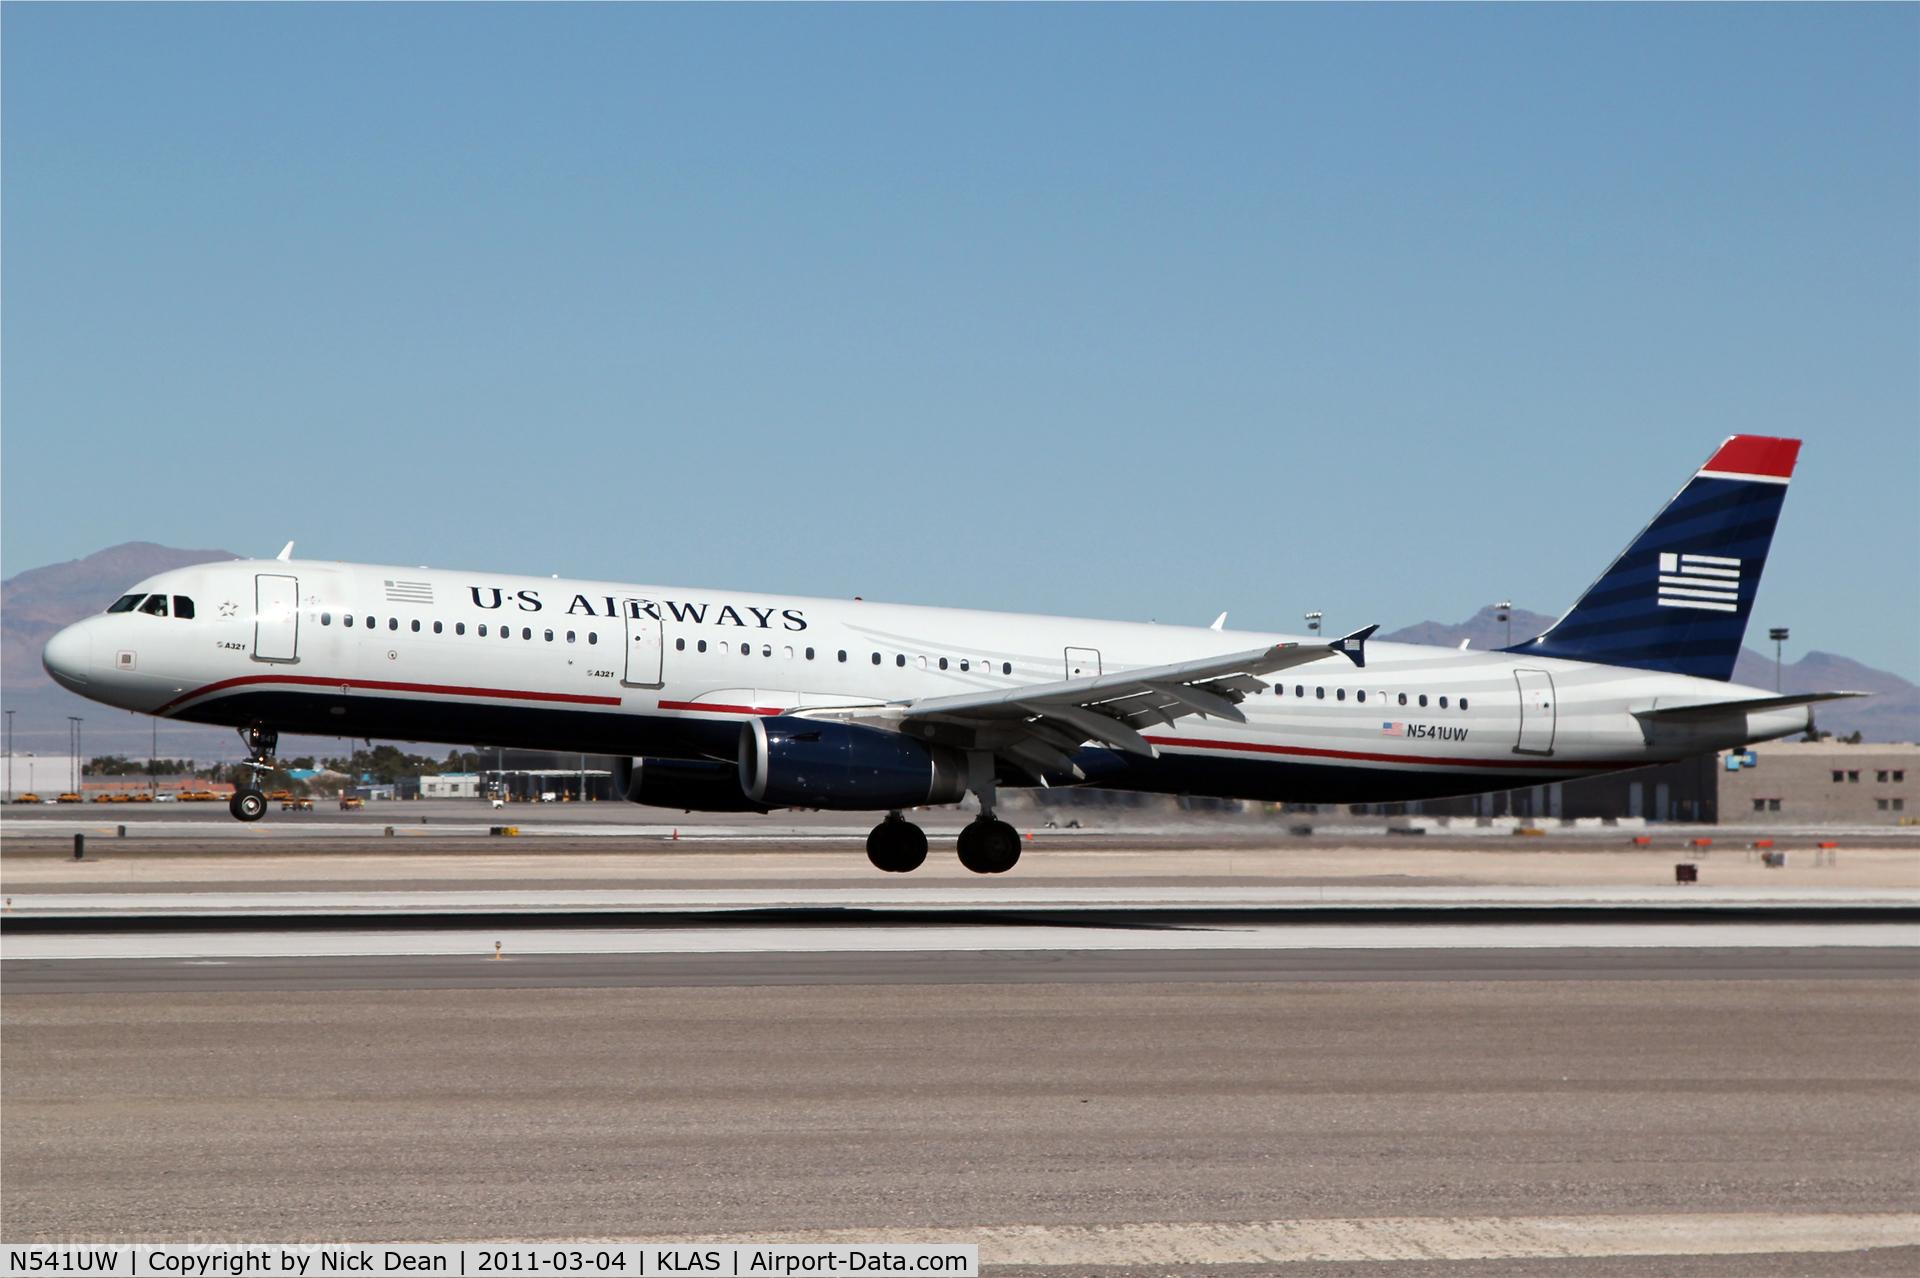 N541UW, 2009 Airbus A321-231 C/N 4123, KLAS